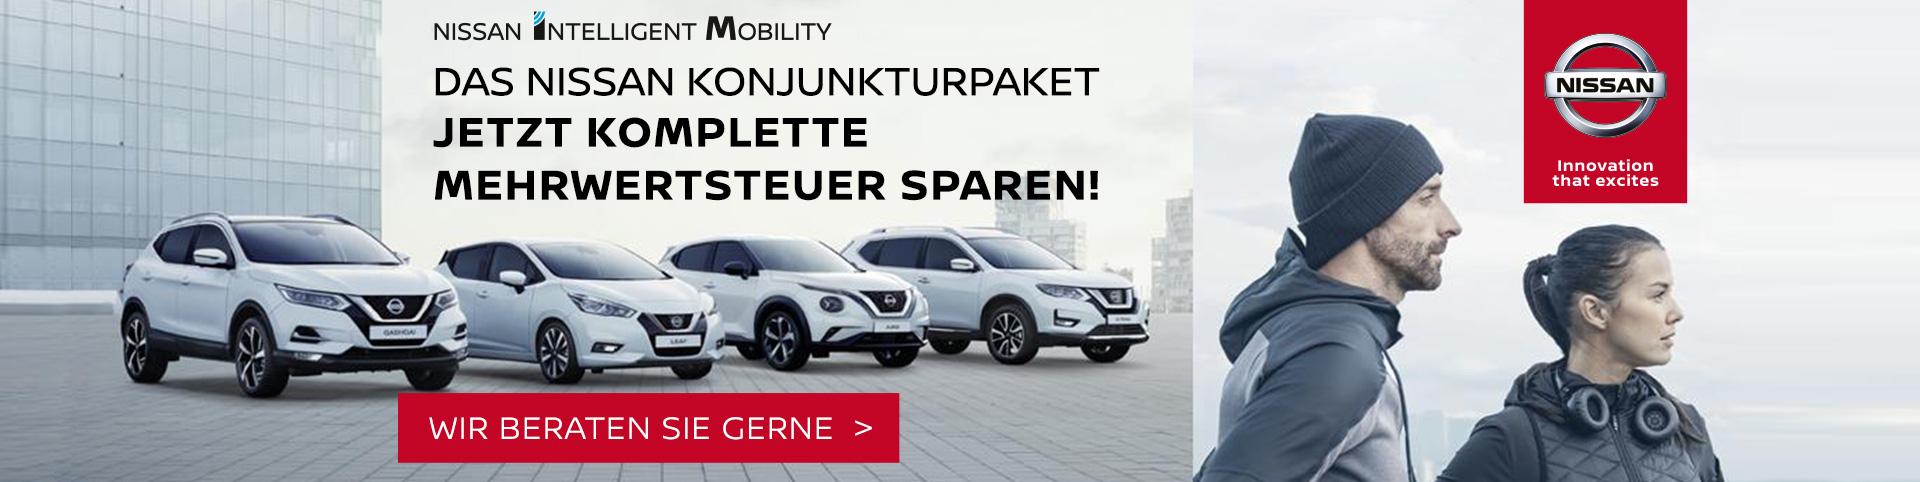 Mit Autozentrum P&A-Preckel bei Nissan die Mehrwertsteuer sparen